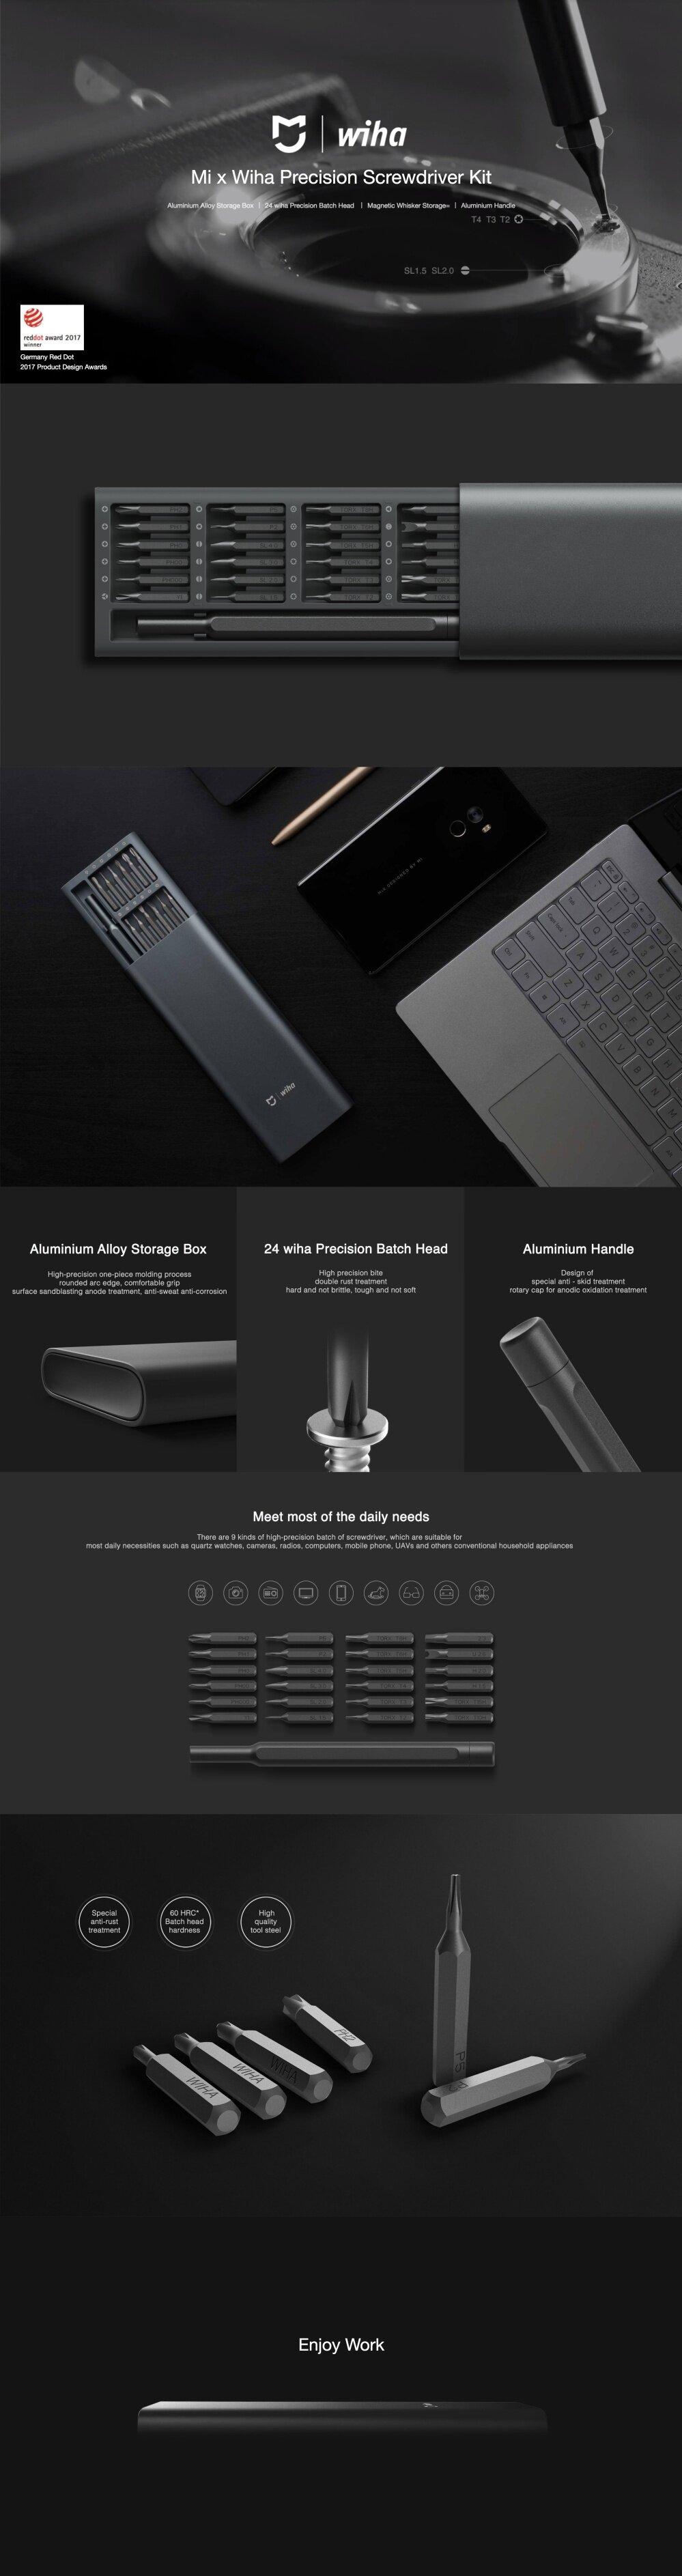 Xiaomi Mi x Wiha Precision Screwdriver Kit